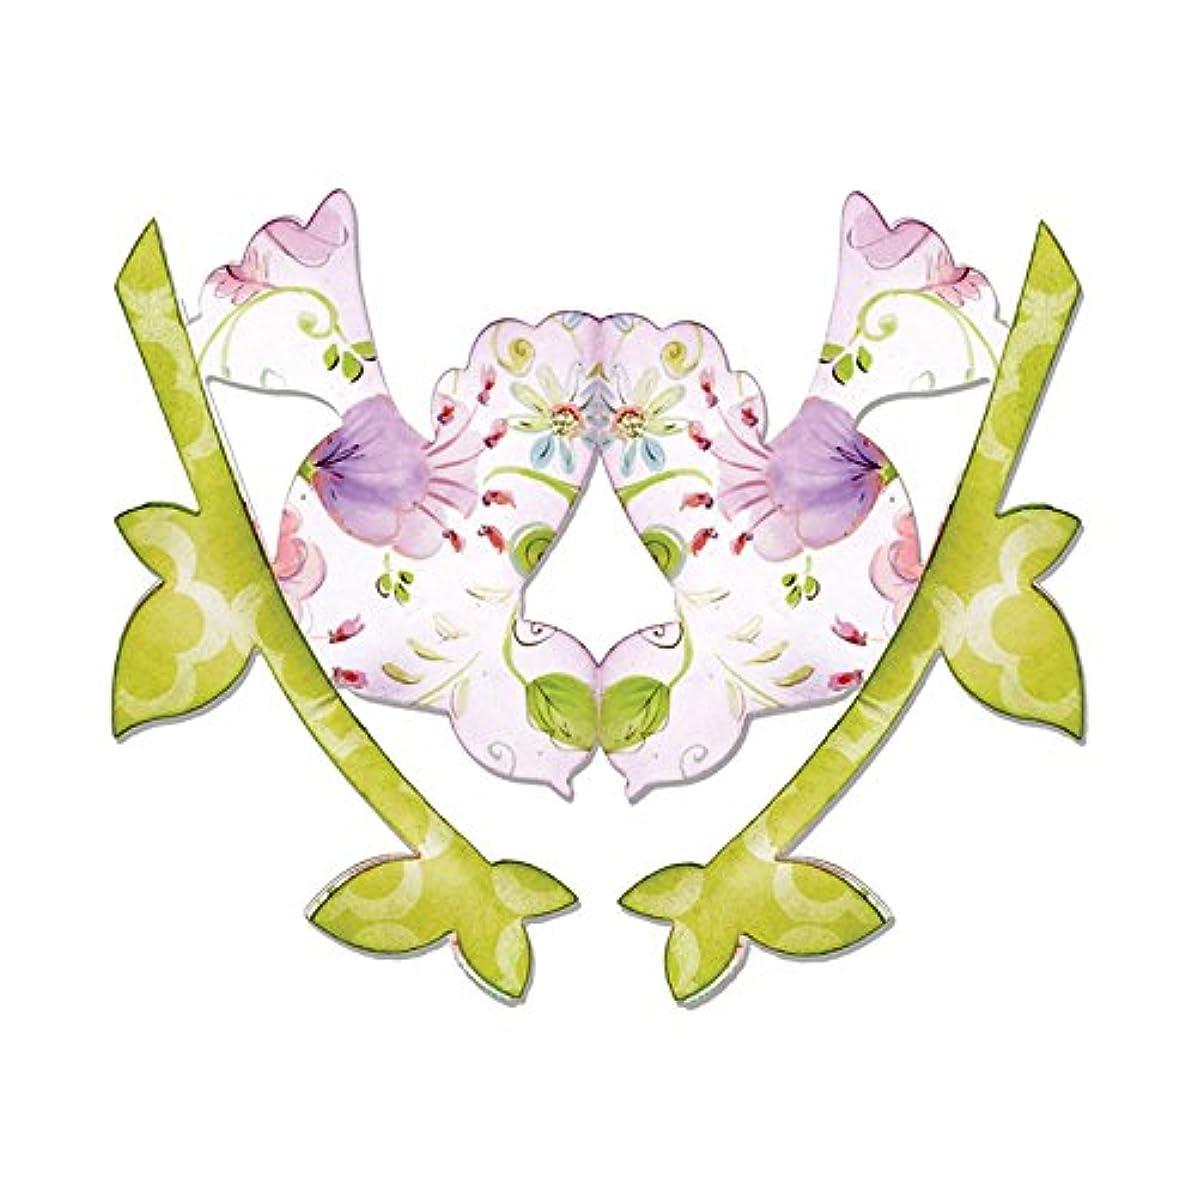 Sizzix Thinlits Die - Love Bird, Folding